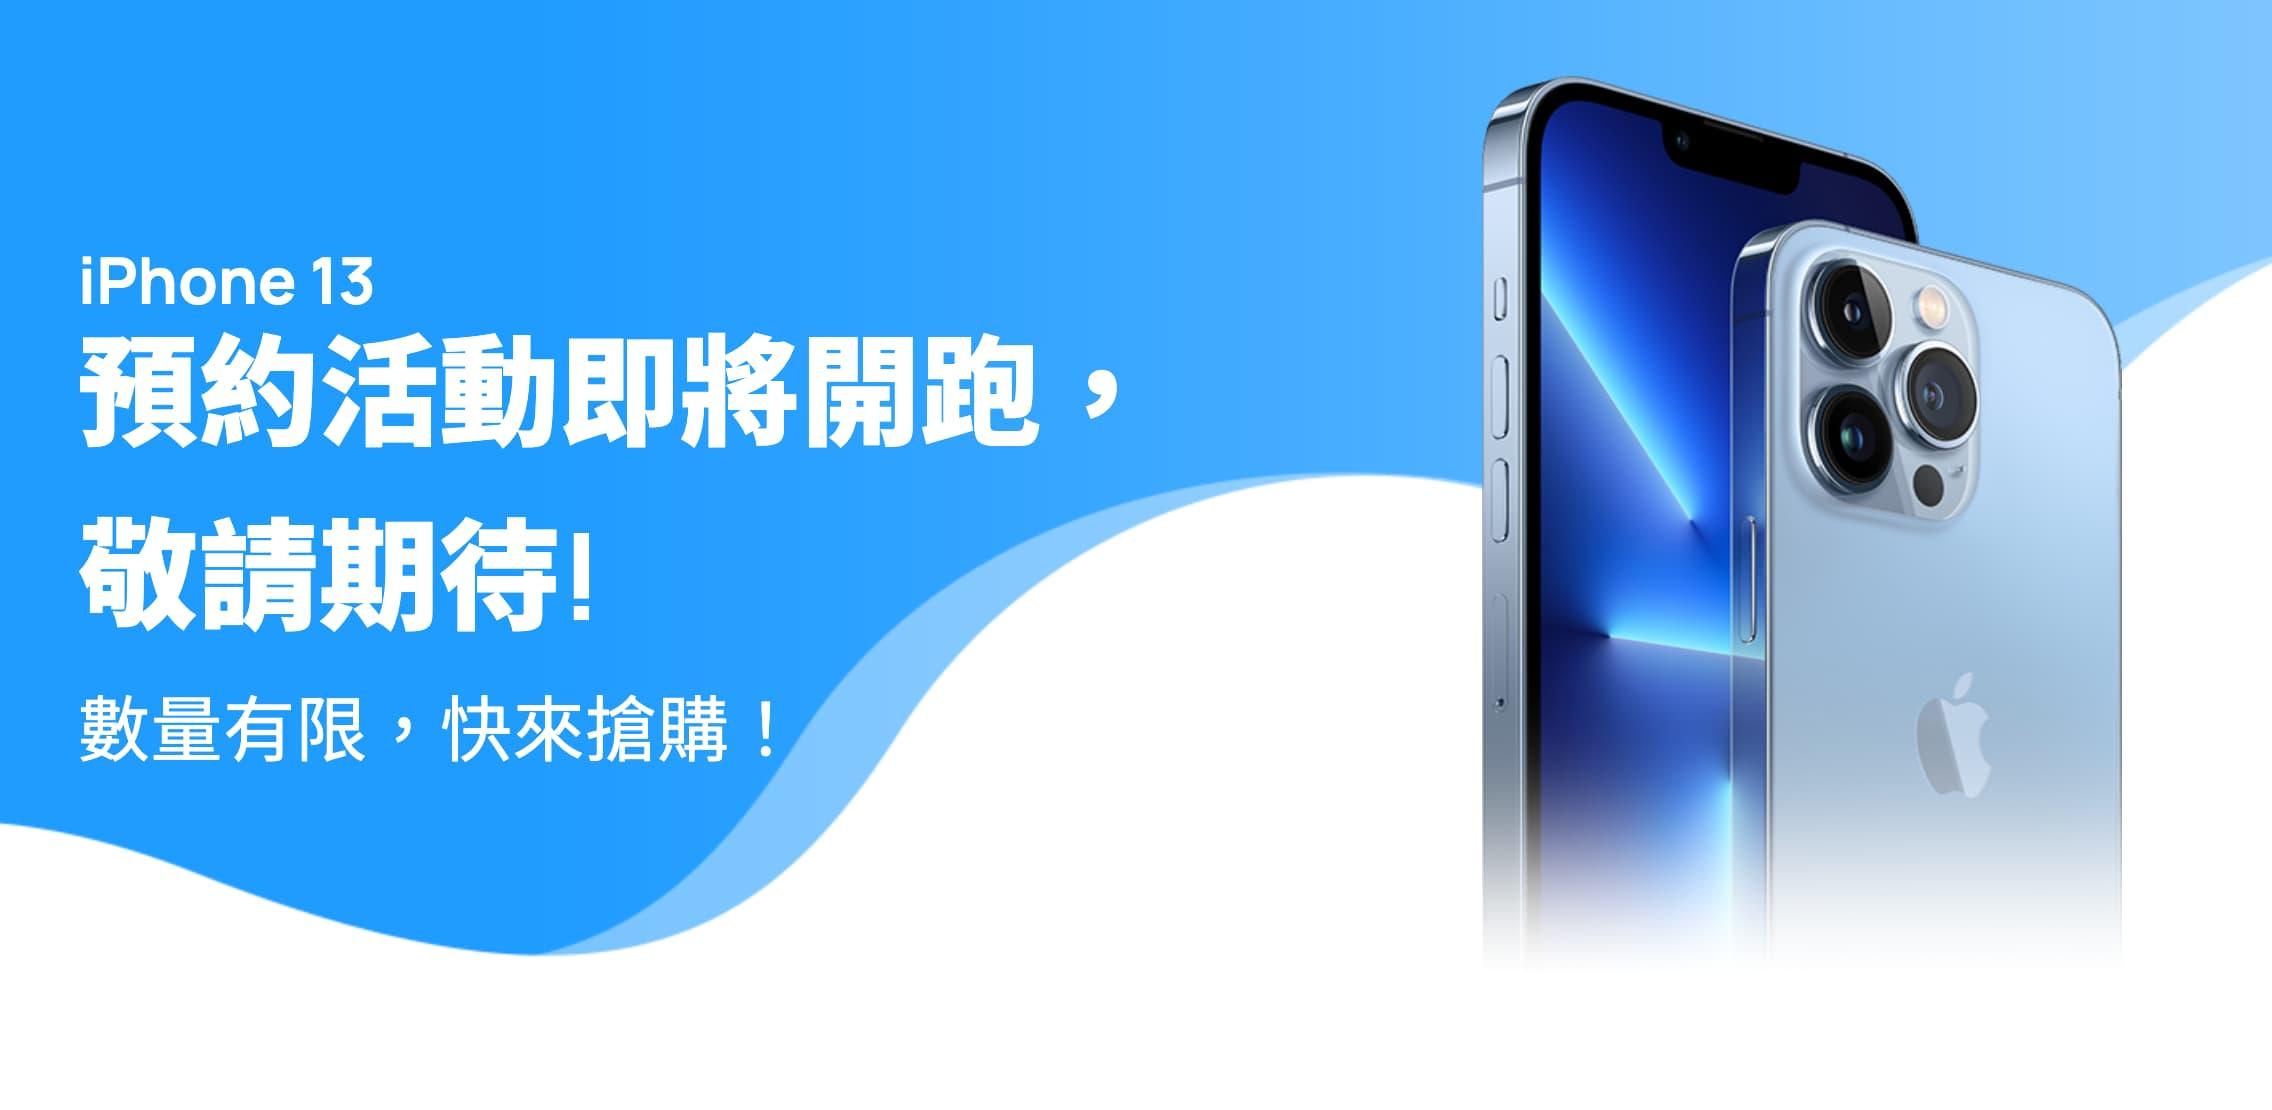 iPhone 13 五大電信預購活動總整理